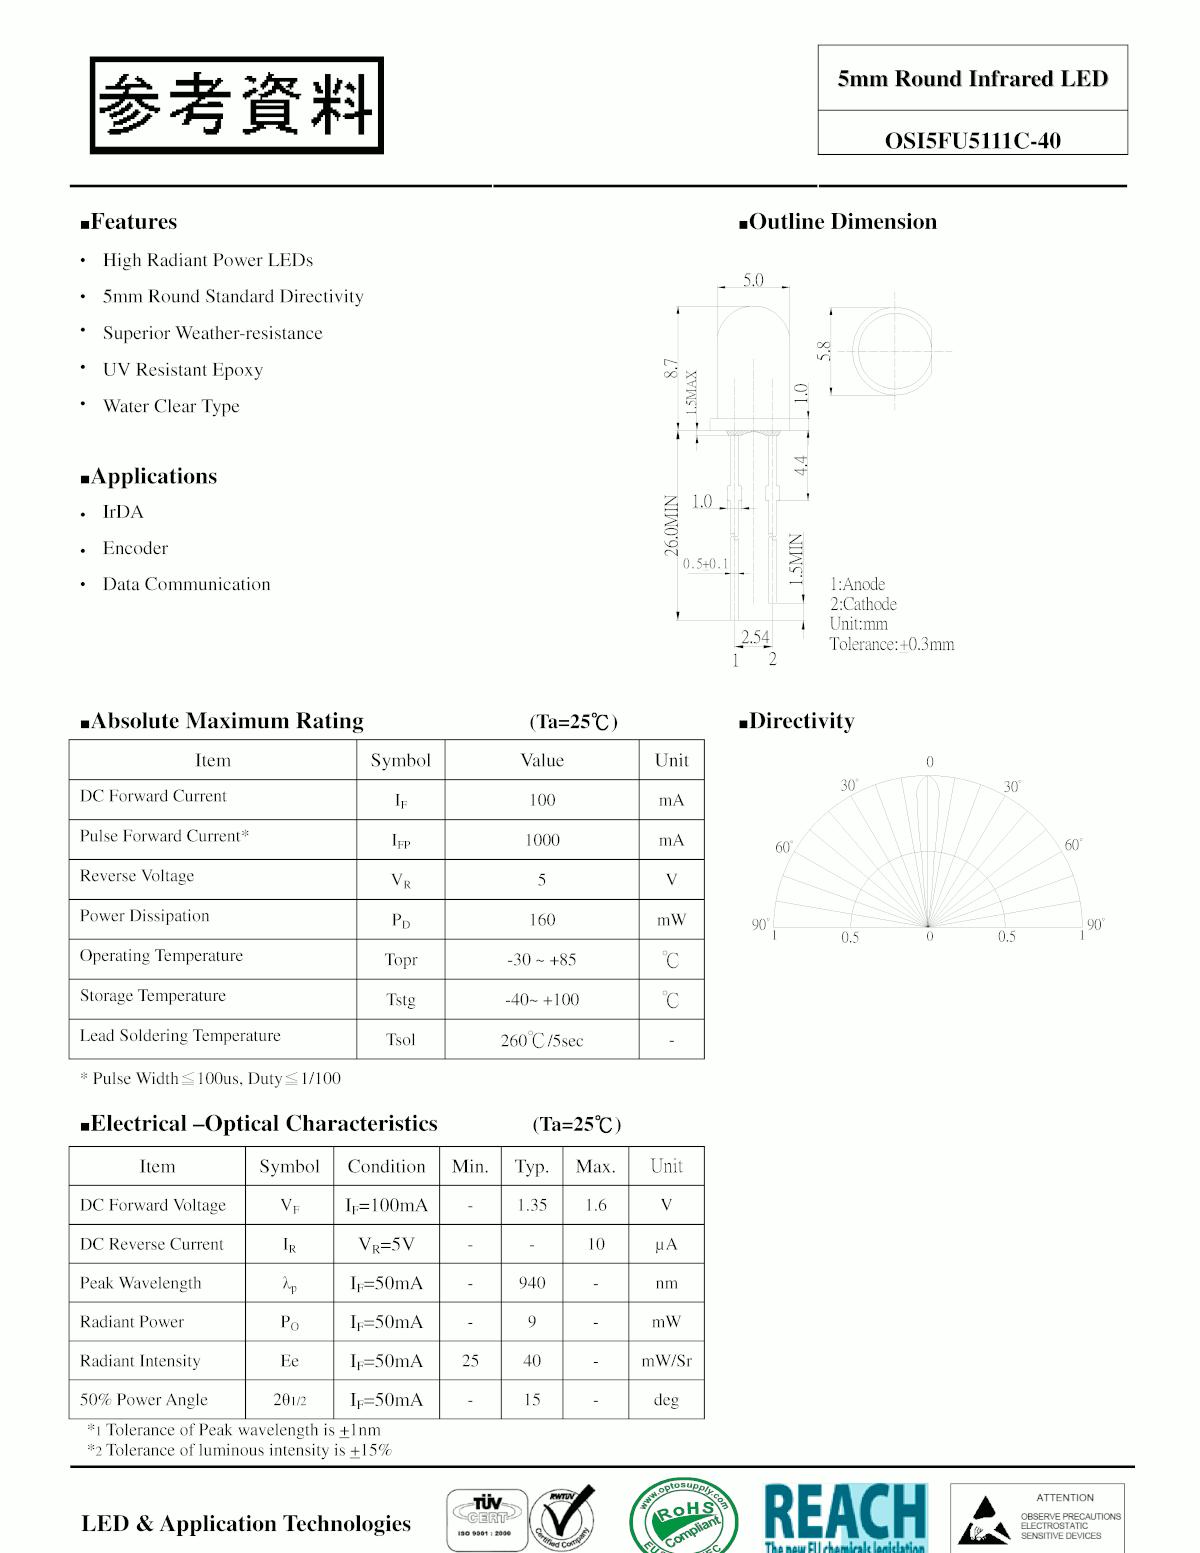 出典: 赤外線LED OSI5FU5111C-40のデータシート